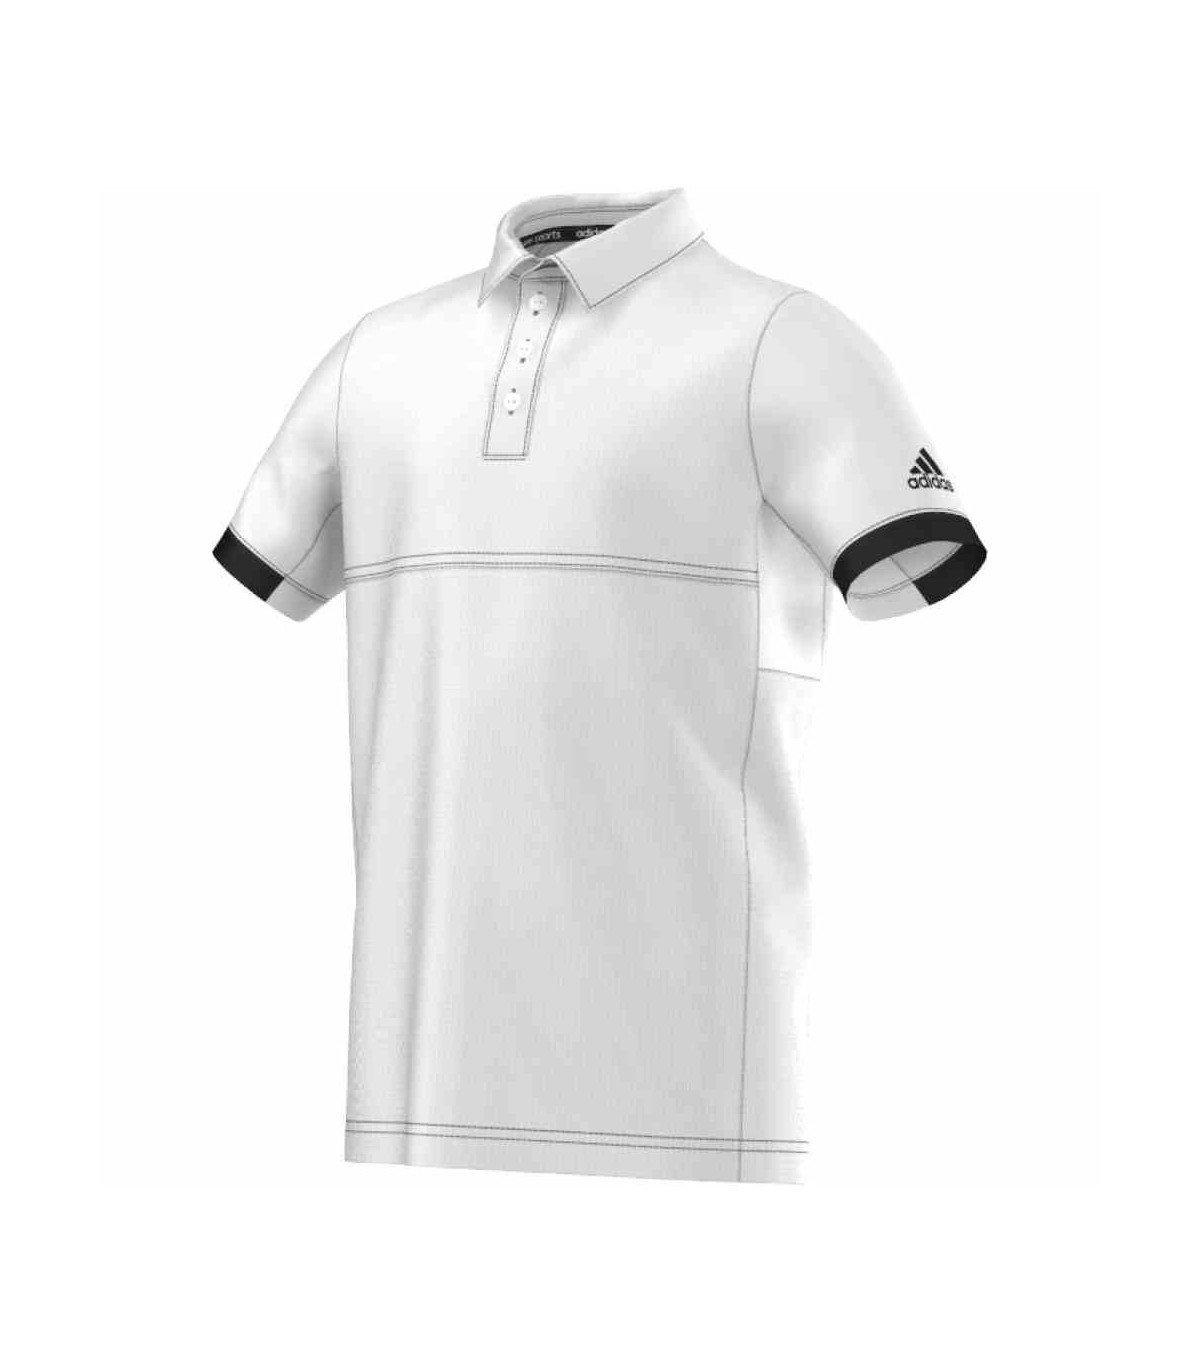 adidas T16 Climacool Polo Junior (Blanco/Negro), Blanco: Amazon.es ...